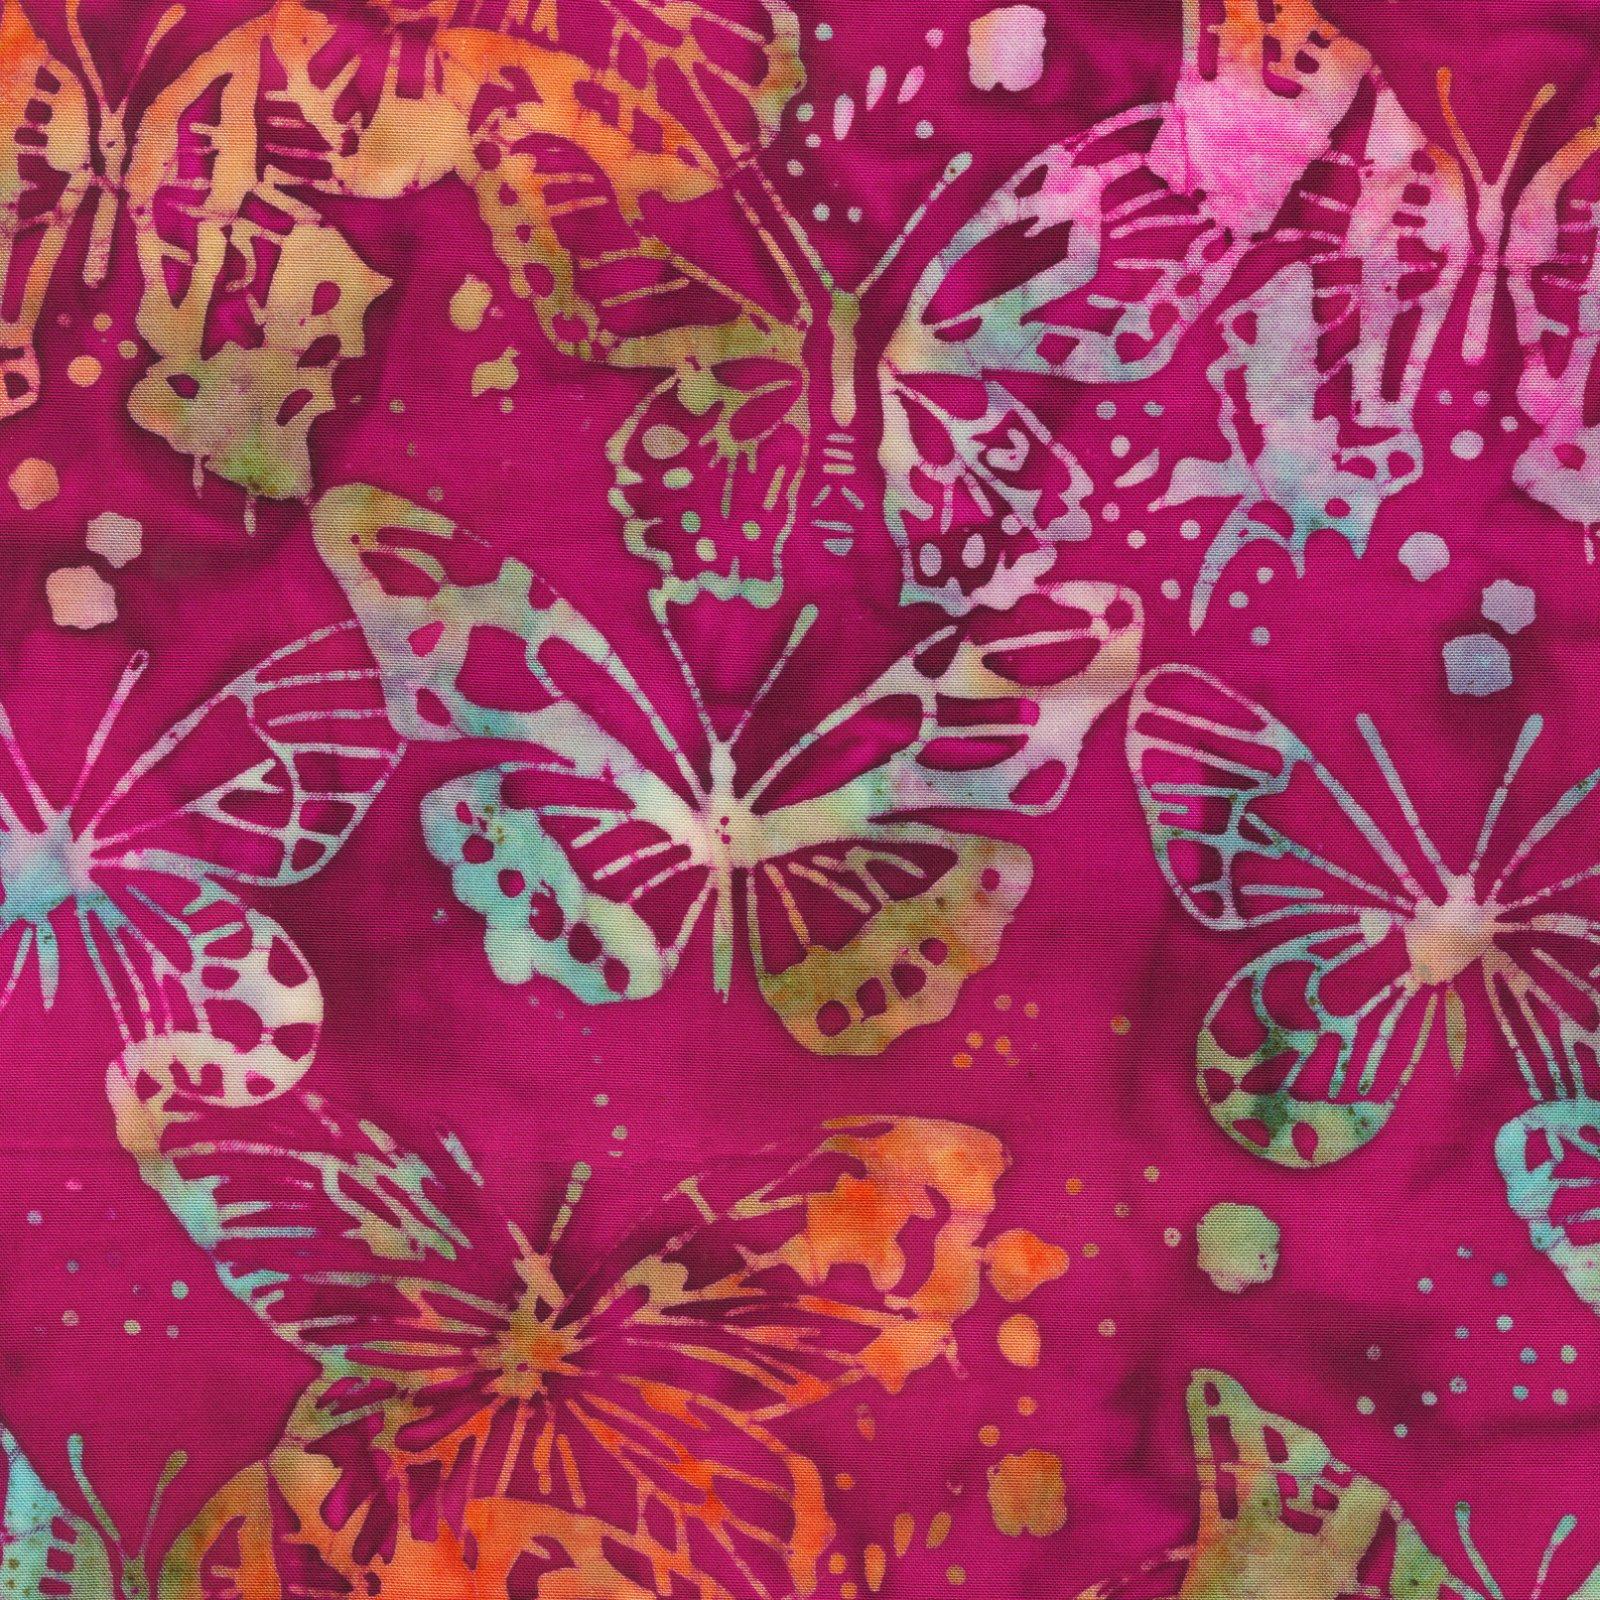 519Q-X Rayon Batiks by Anthology Fabrics